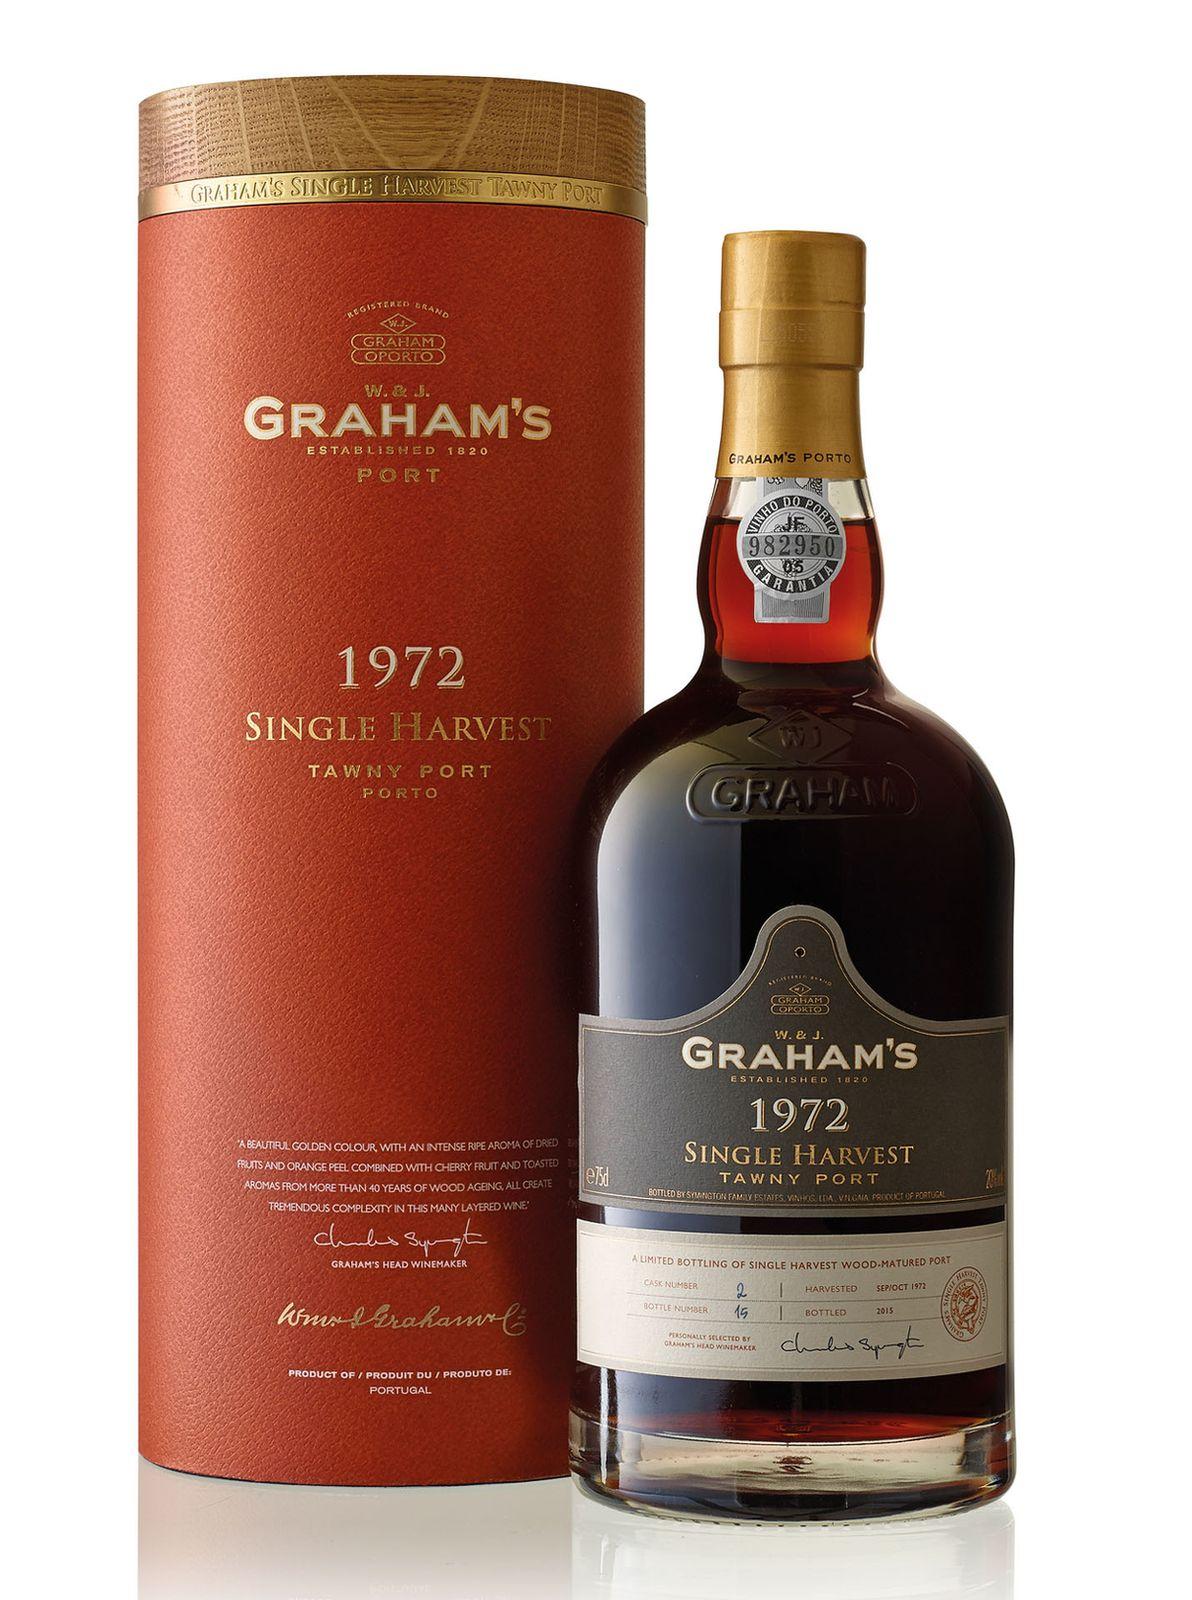 Colheitas Wood Aged Ports Wines Graham S Brandy Bottle Rum Bottle Whisky Bottle